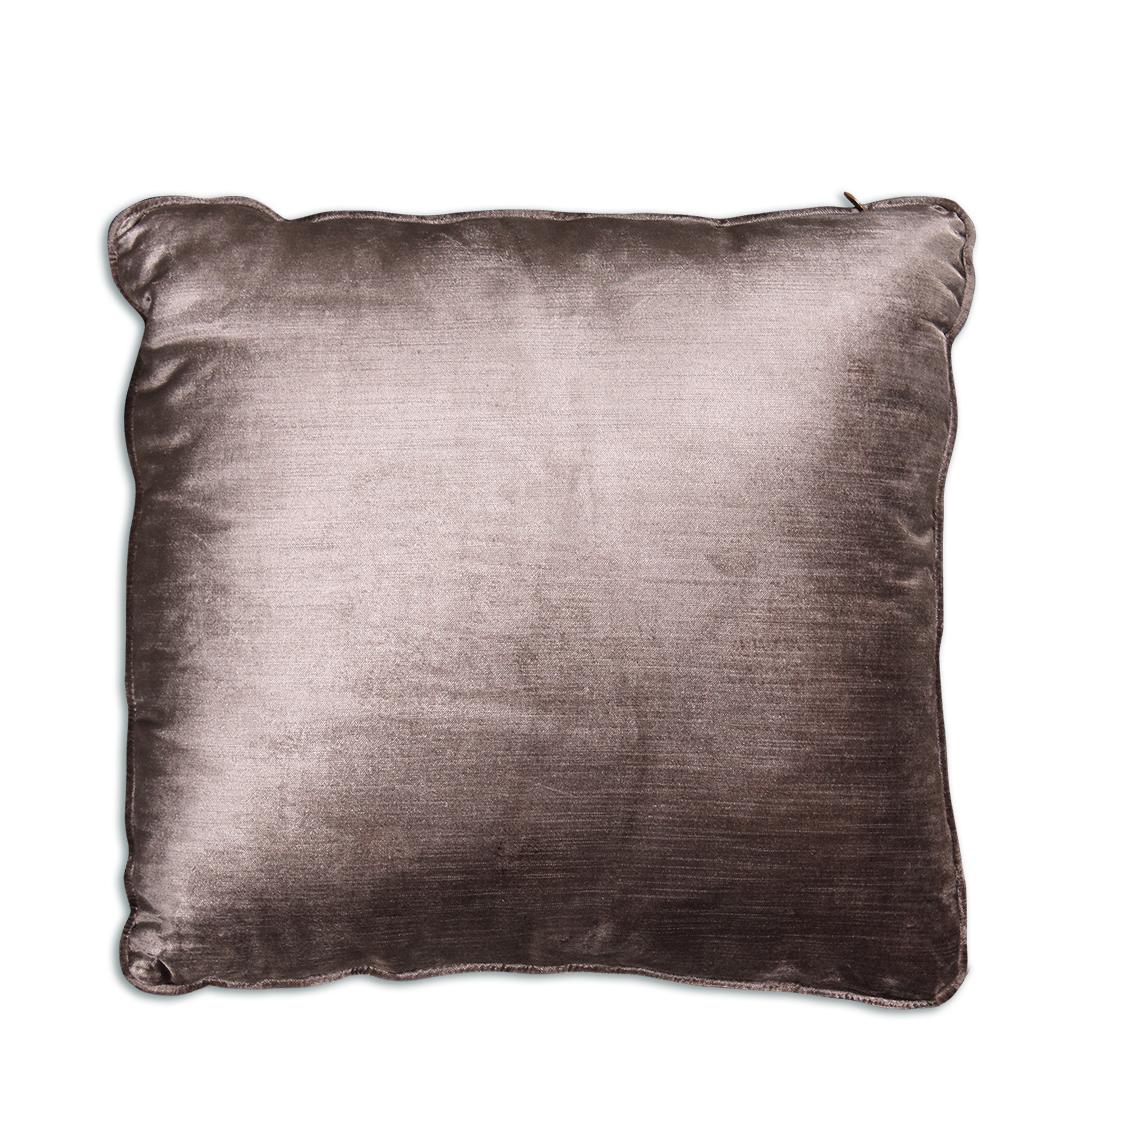 クッション throw pillow 3, 50×50cm 0402-zk-tp3e